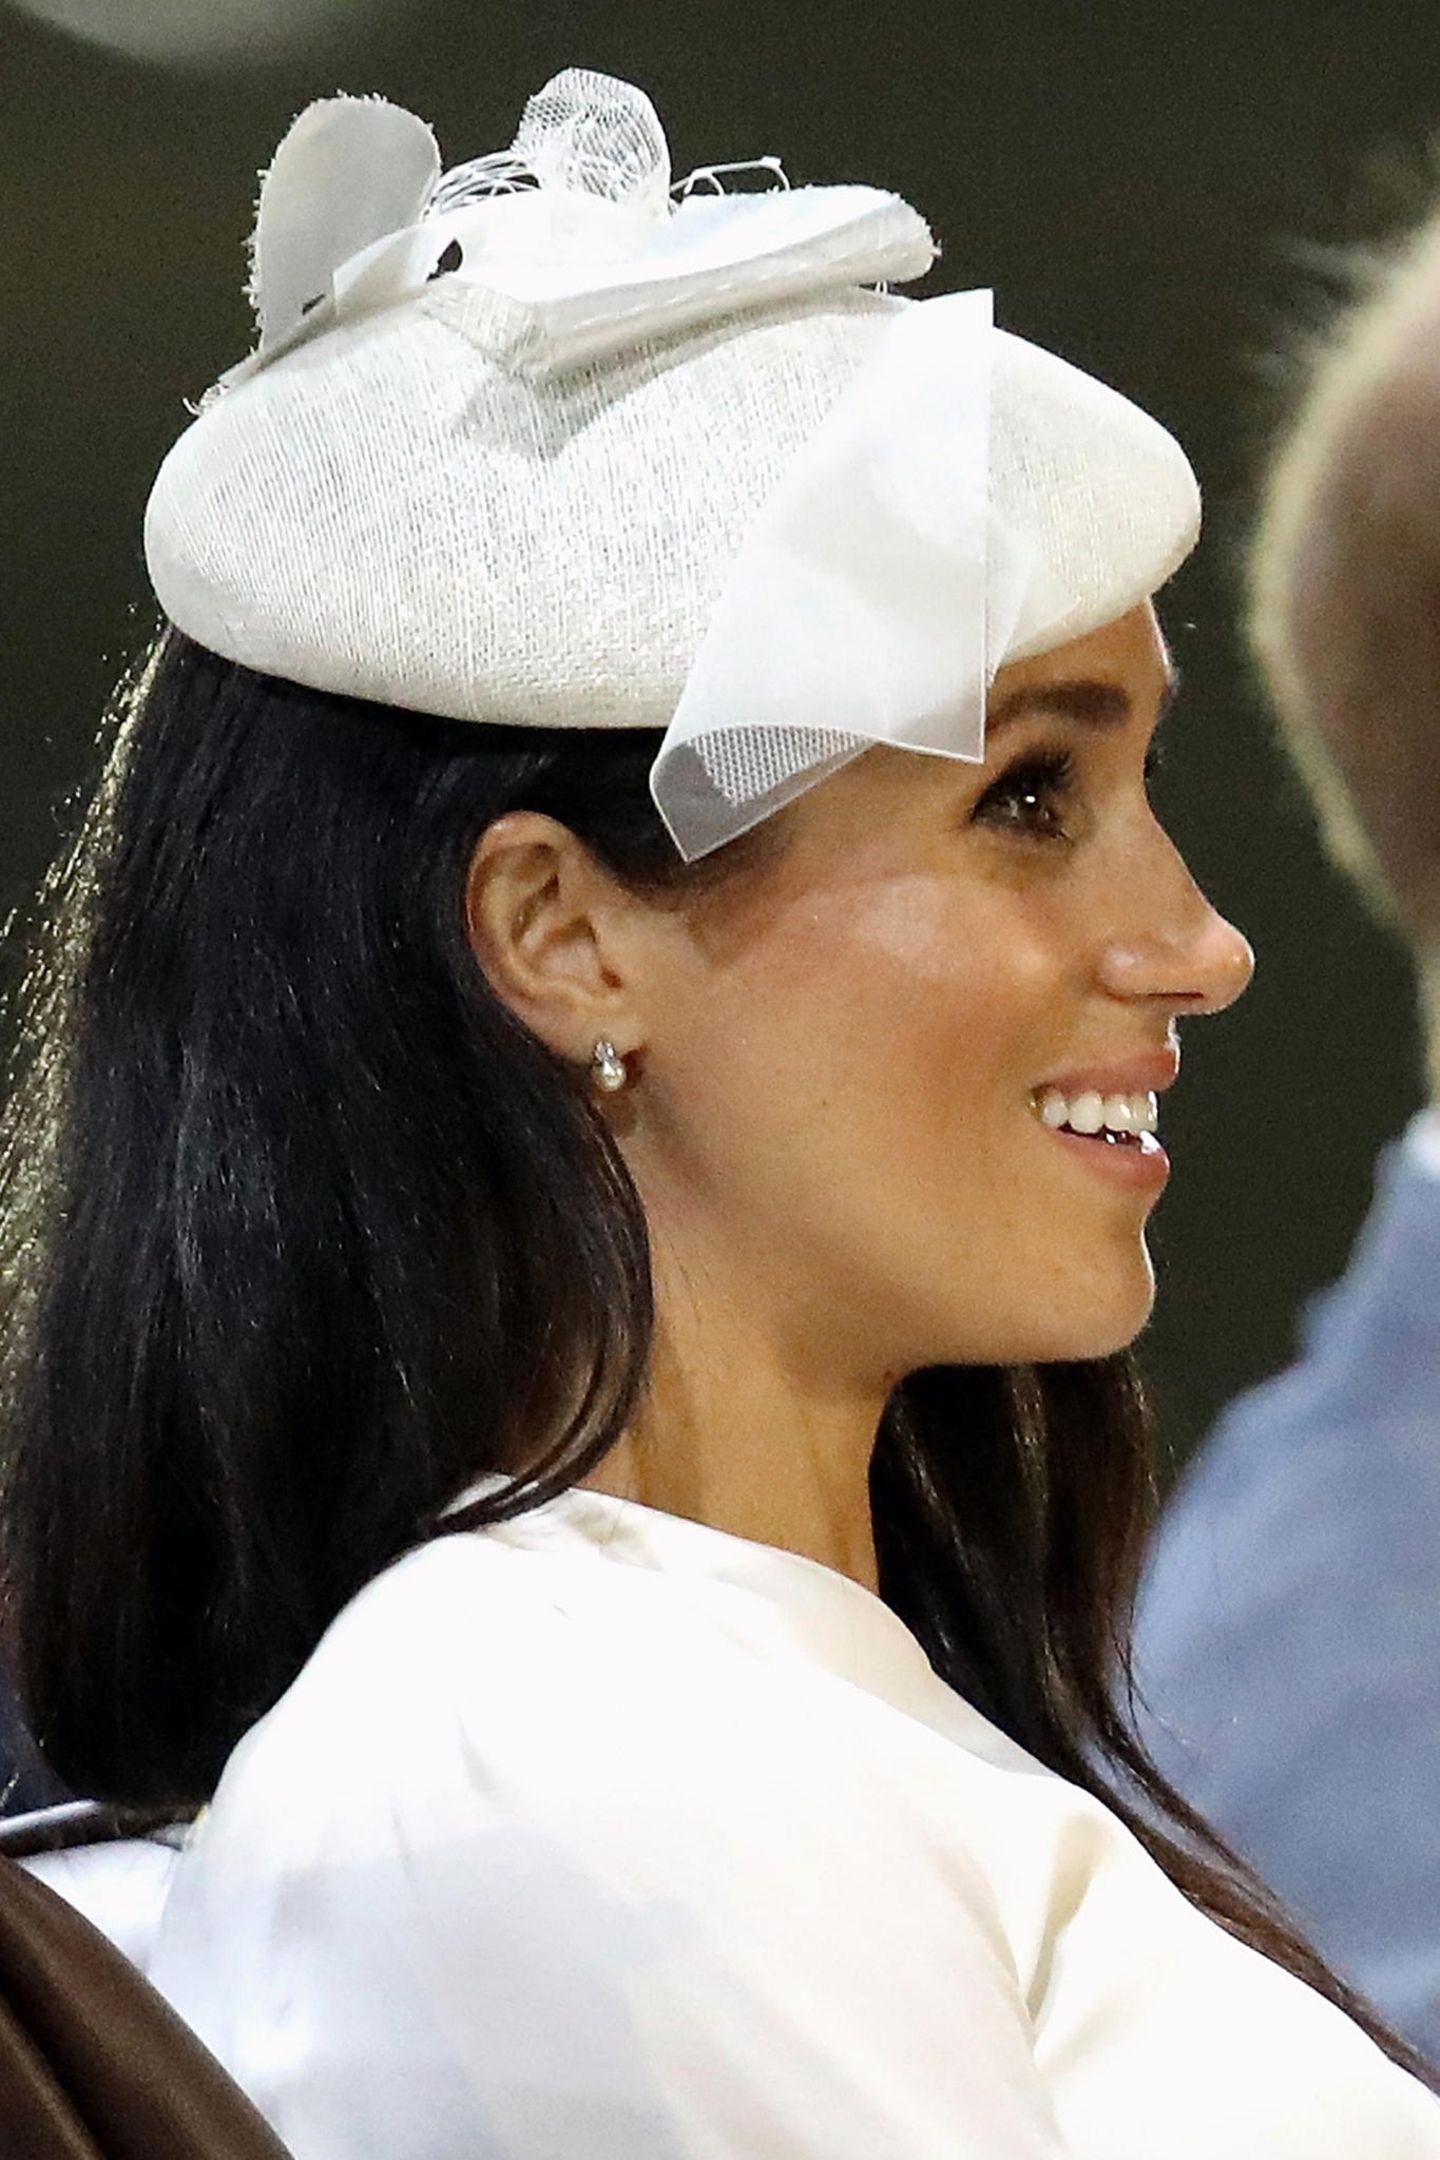 Wer sich ein wenig mit dem Schmuckgeschmack von Queen Elizabeth auskennt, könnte hier erraten, dass diese schönen Diamant-und Perlenohrringe ein Geschenk der Königin an Meghan gewesen sind. Wert: ca. 4800 Euro.